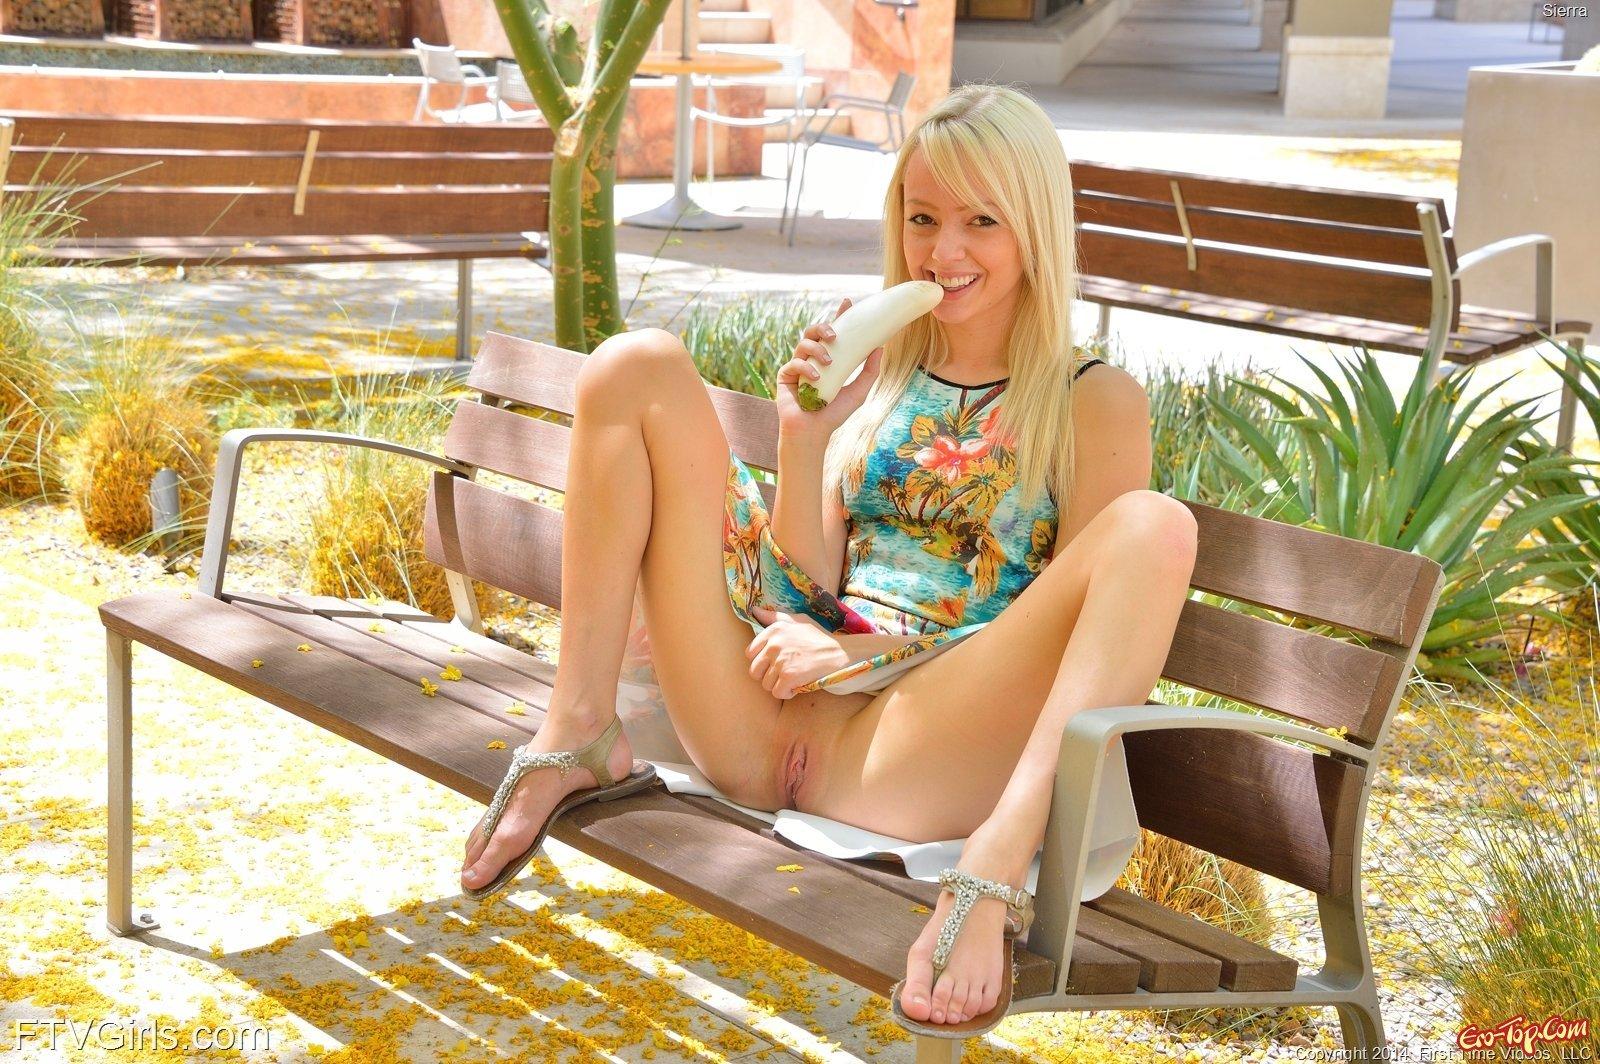 Блондинка хвастается писькой и онанирует в городе секс фото